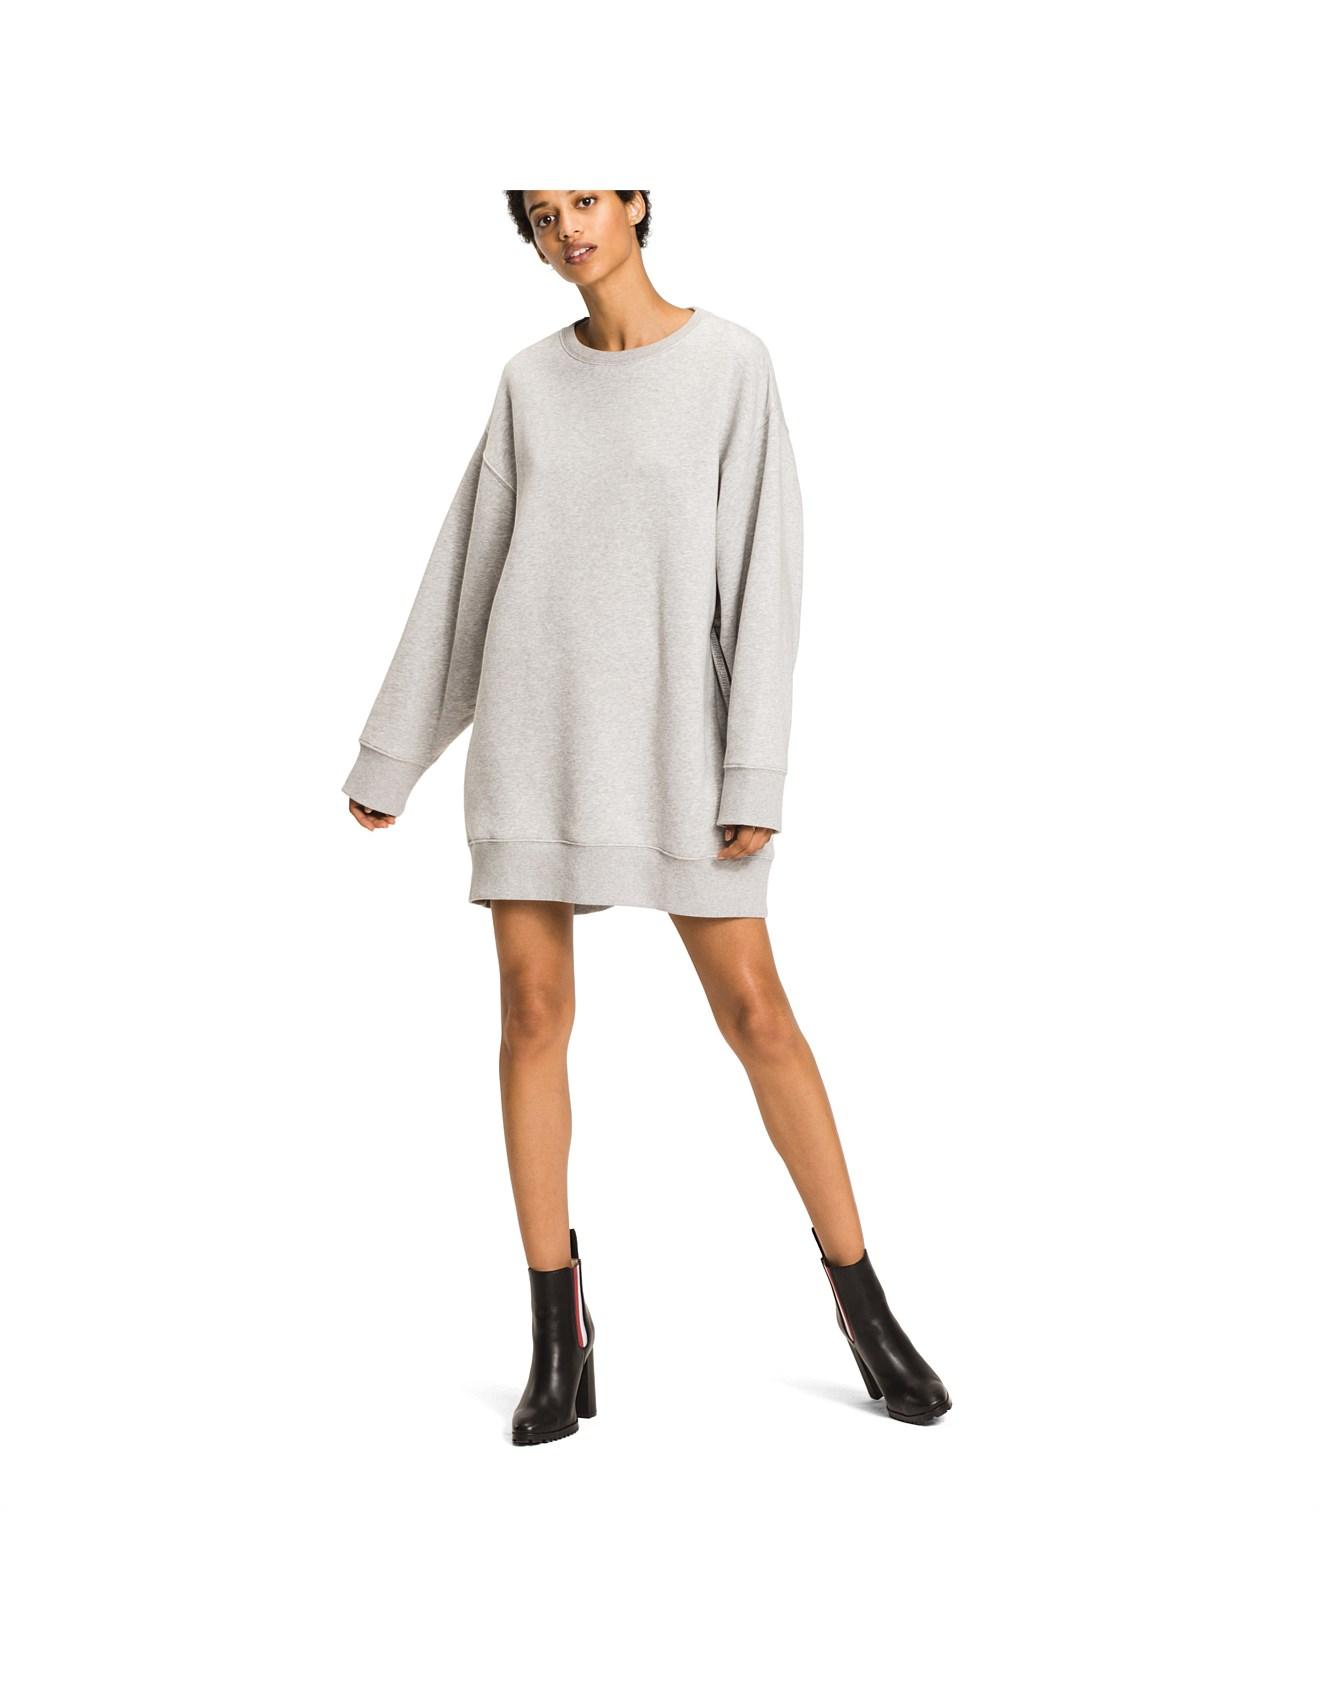 Gigi Hadid Open Back Sweatshirt Dress